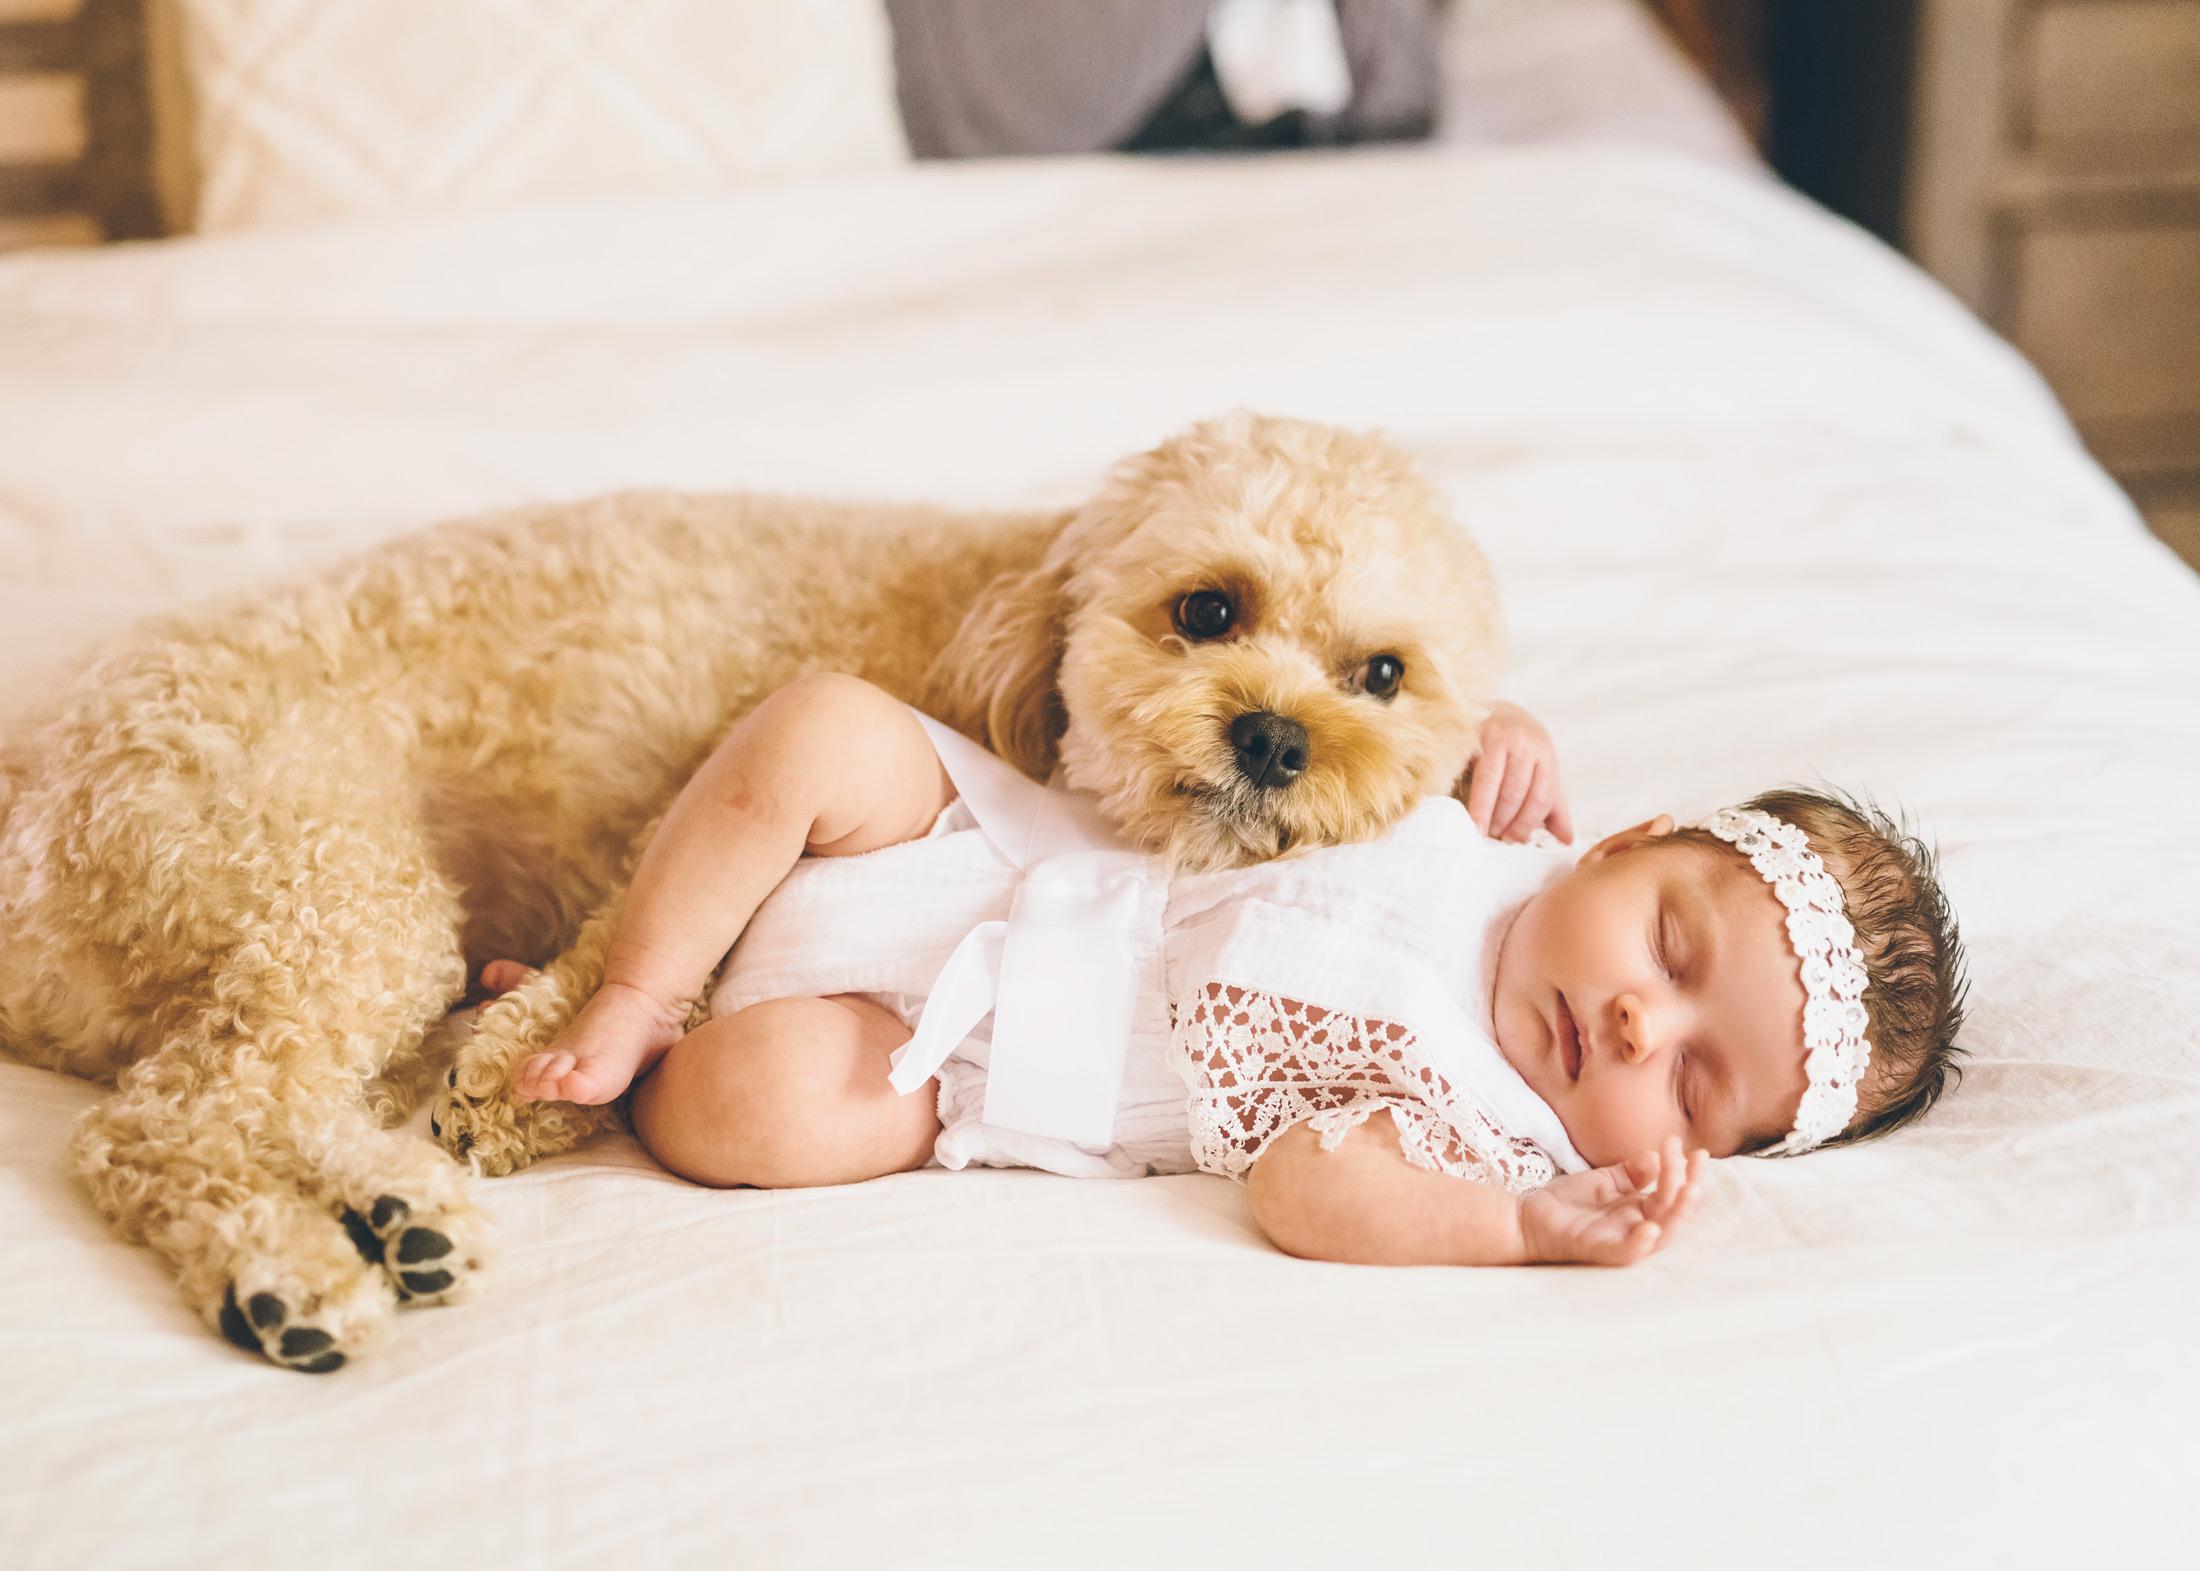 newborn-and-puppy.jpg